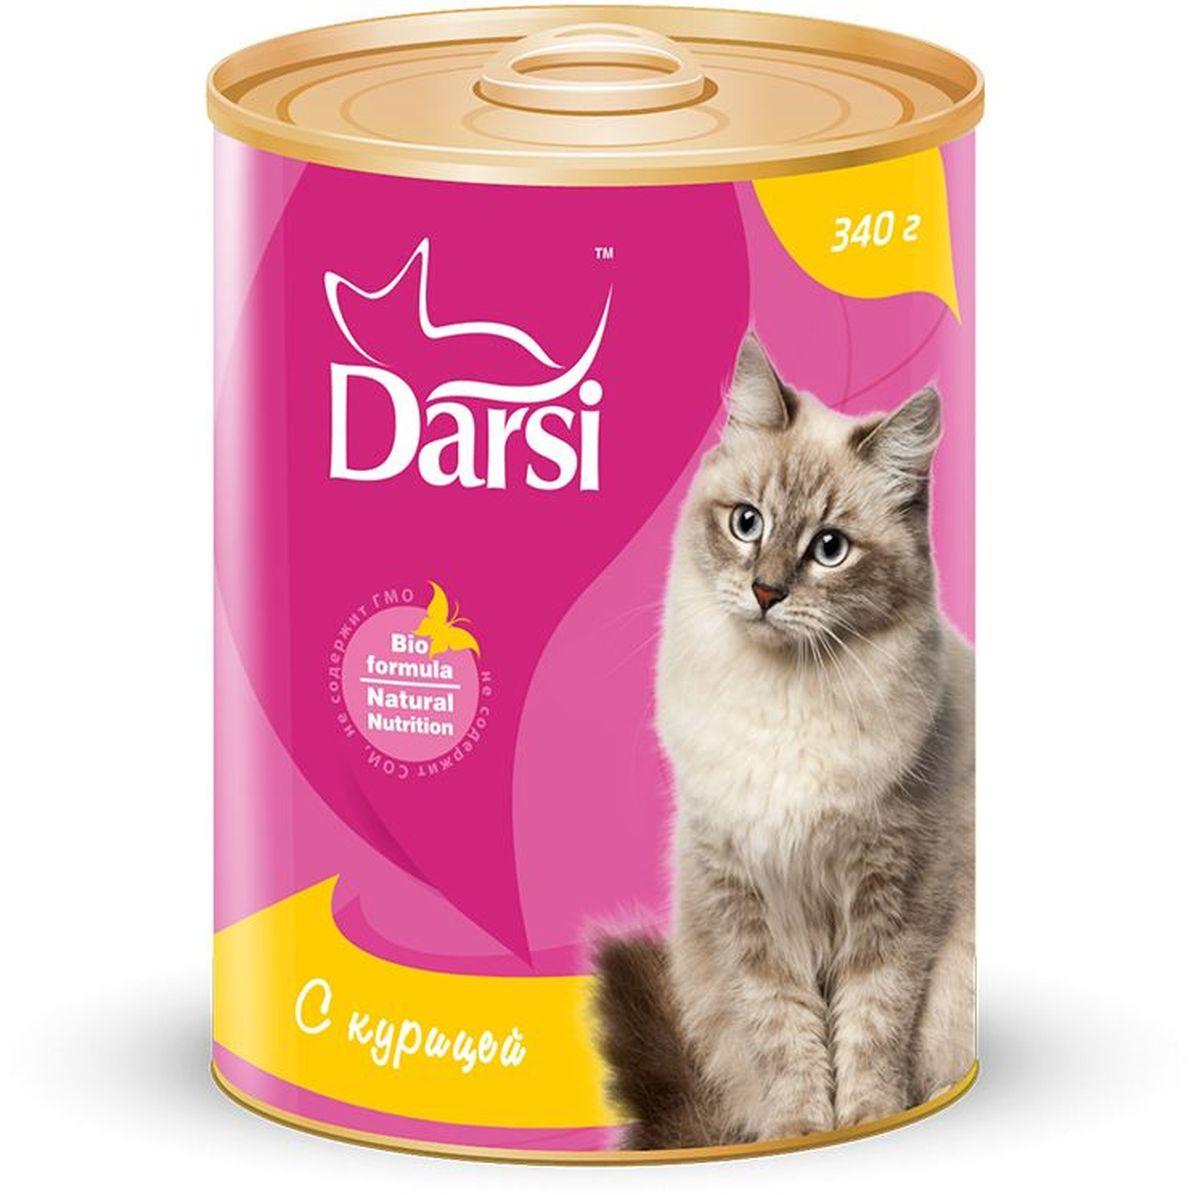 Консервы для кошек Darsi, с курицей, 340 г. 92590120710Полнорационный консервированный корм для кошек в виде фарша.